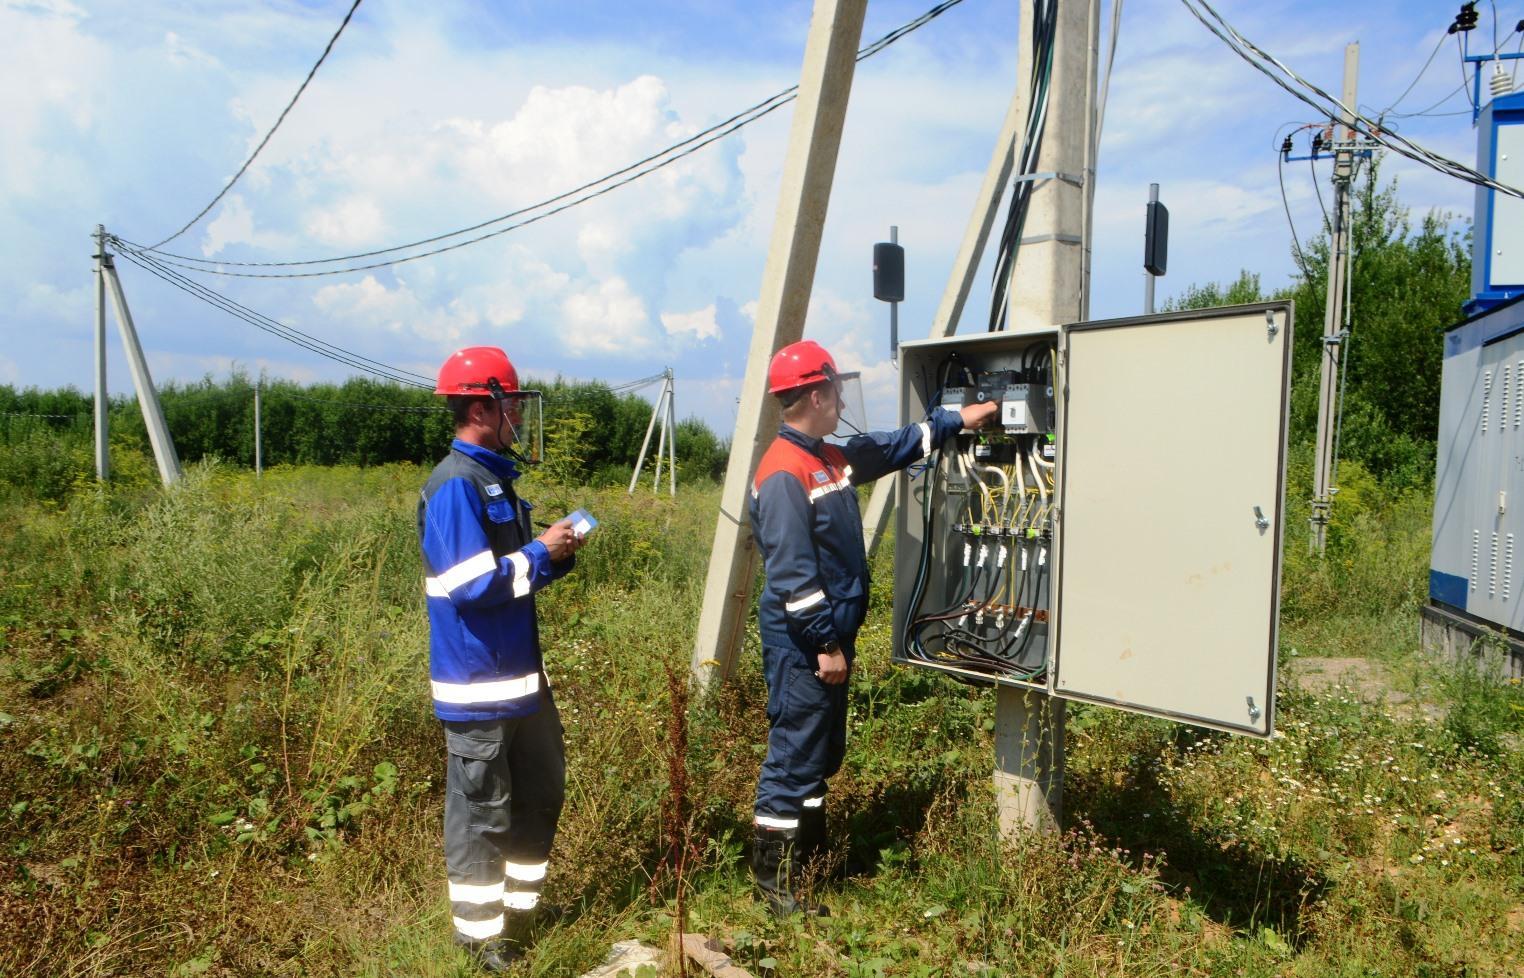 В Твери выявлено крупное хищение электроэнергии - новости Афанасий